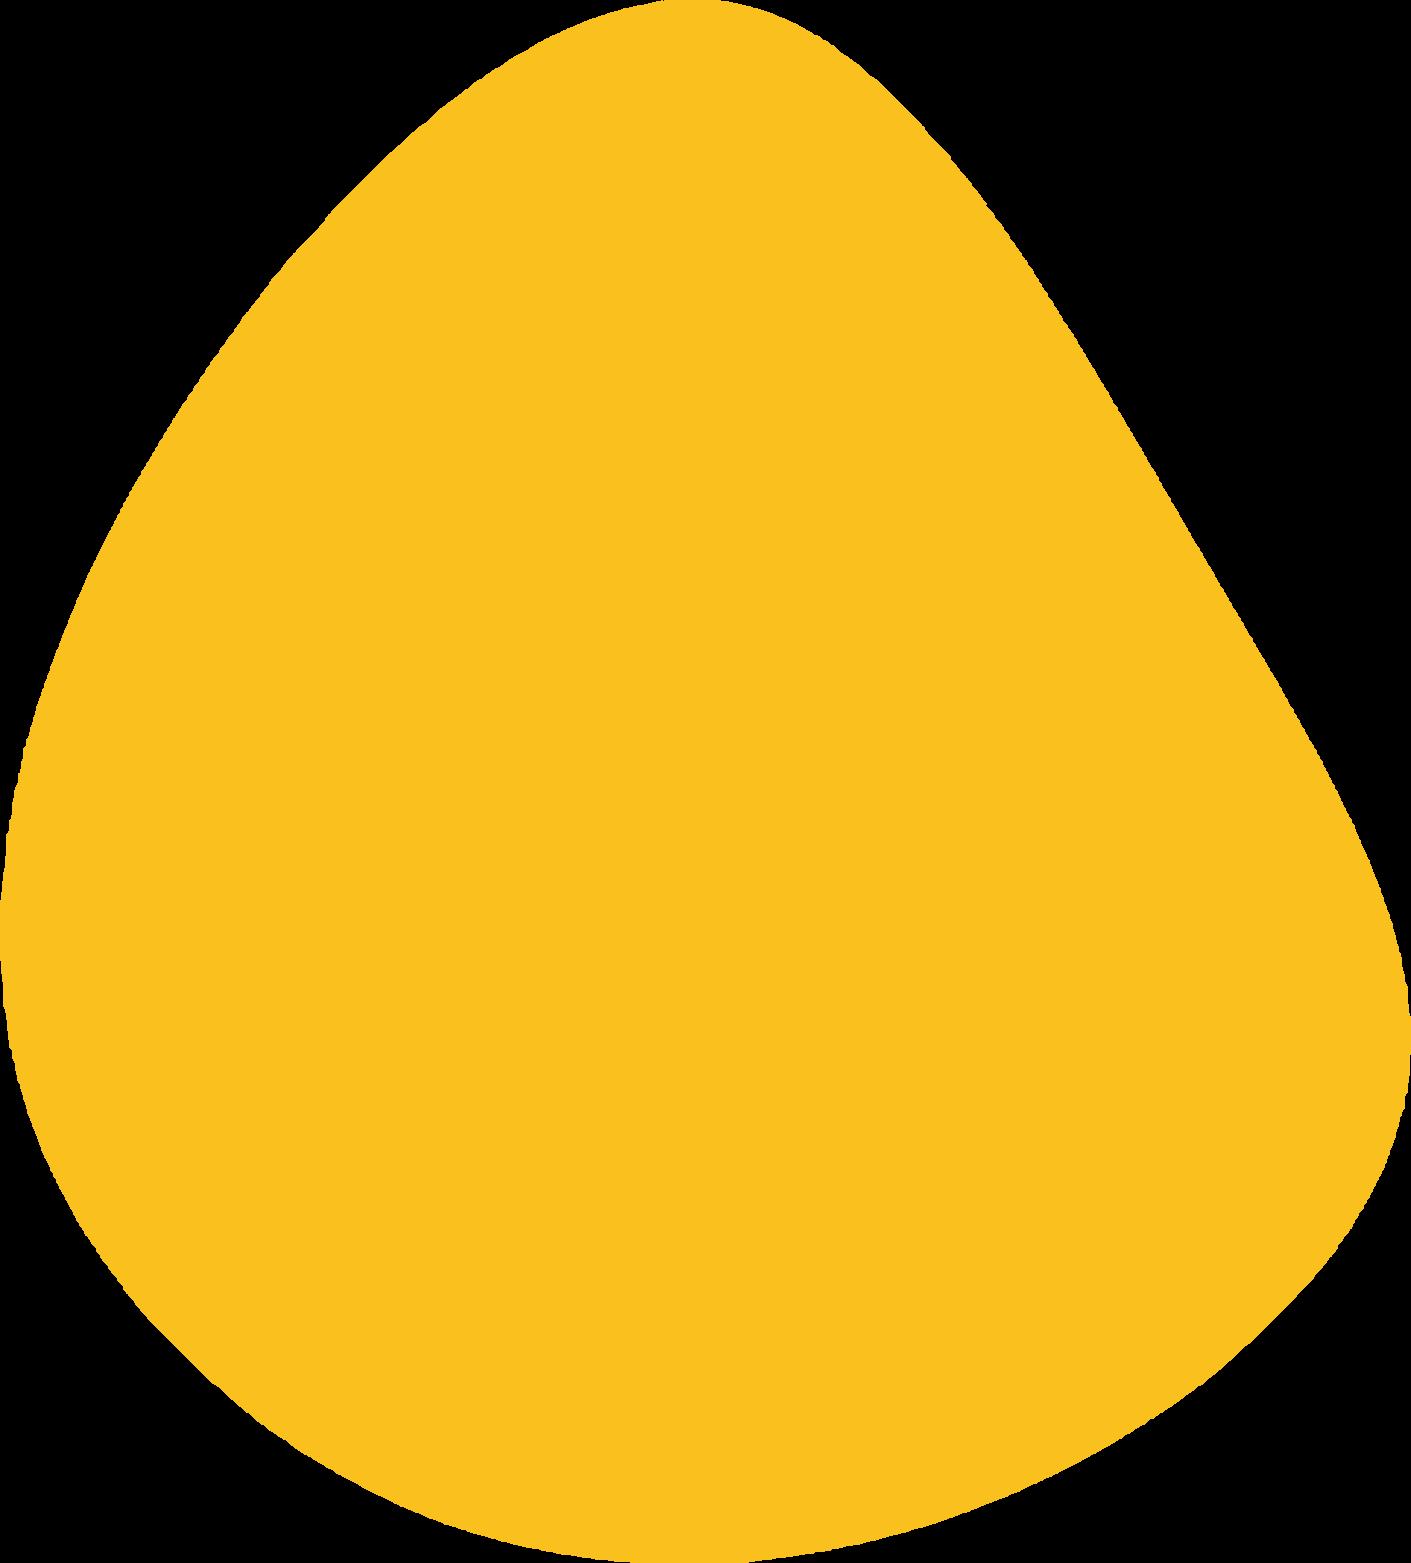 ביצה צהוב